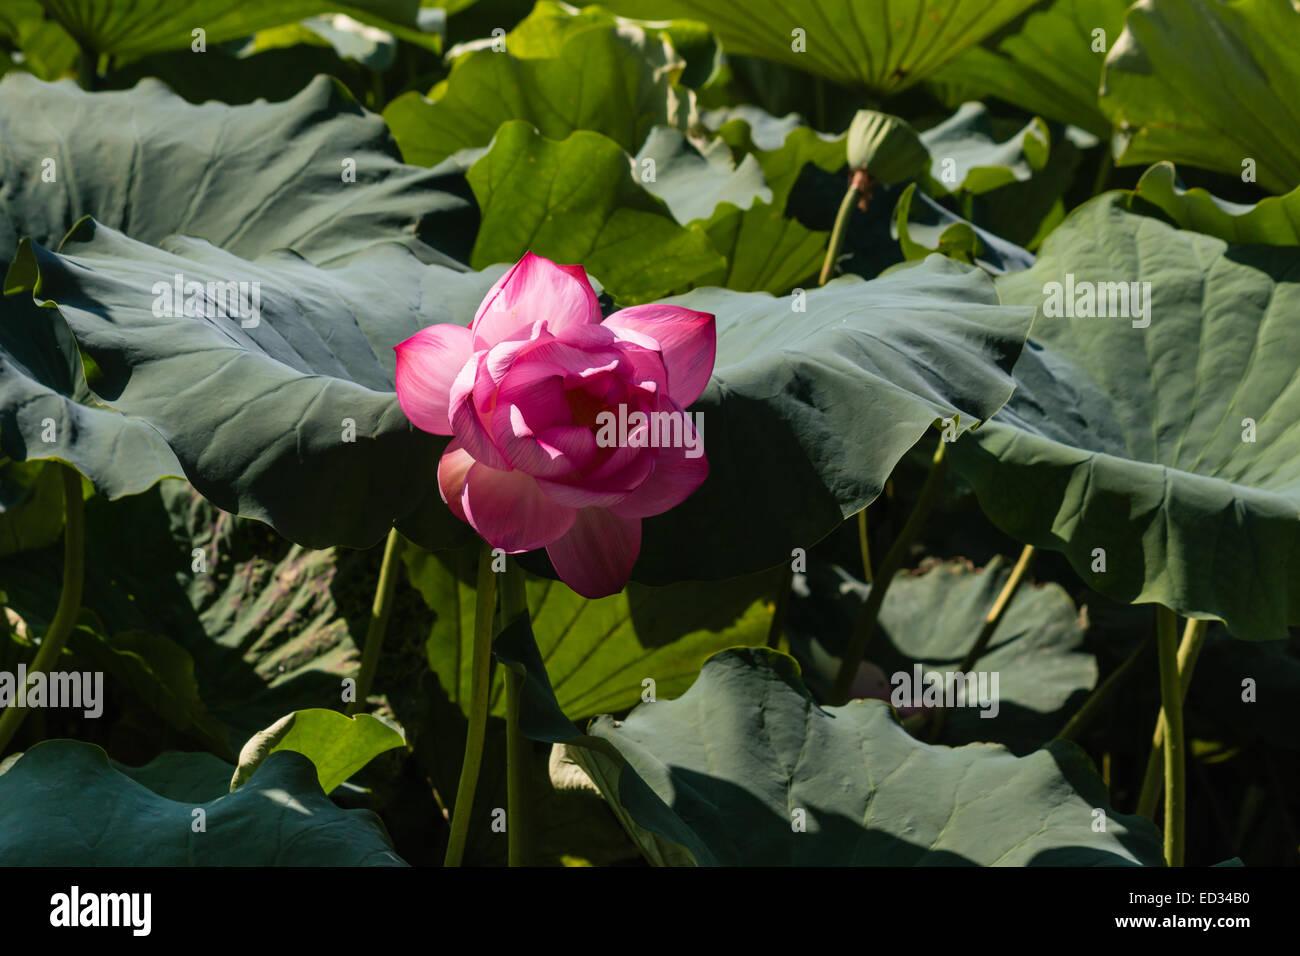 La Cabeza De La Flor De Loto Sagrado Foto Imagen De Stock